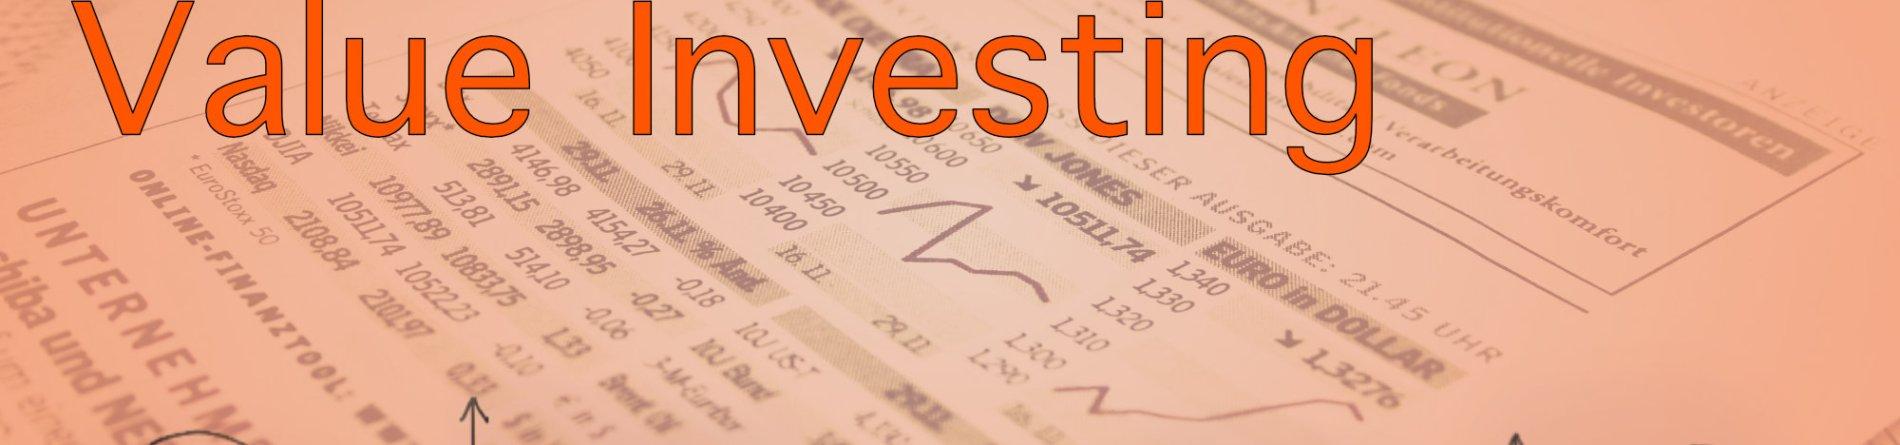 Better Metrics for Value Investing